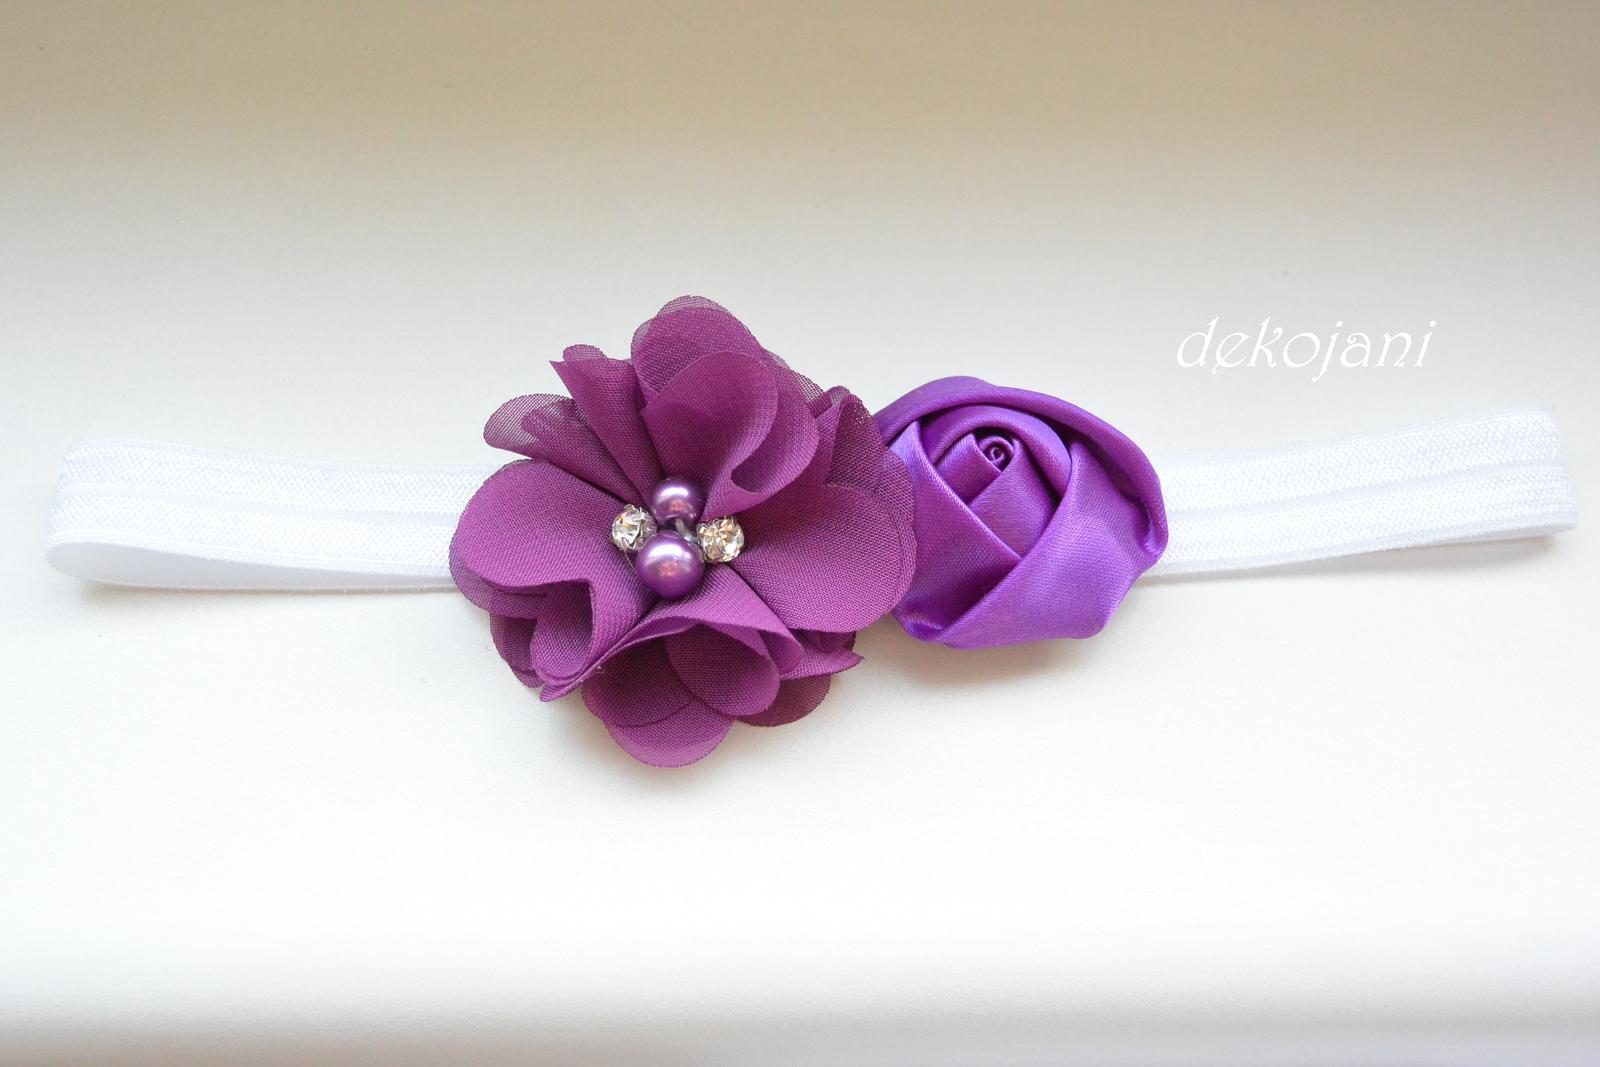 Čelenky, květiny do vlasů, náramky, obojek pro pejska... - Obrázek č. 79